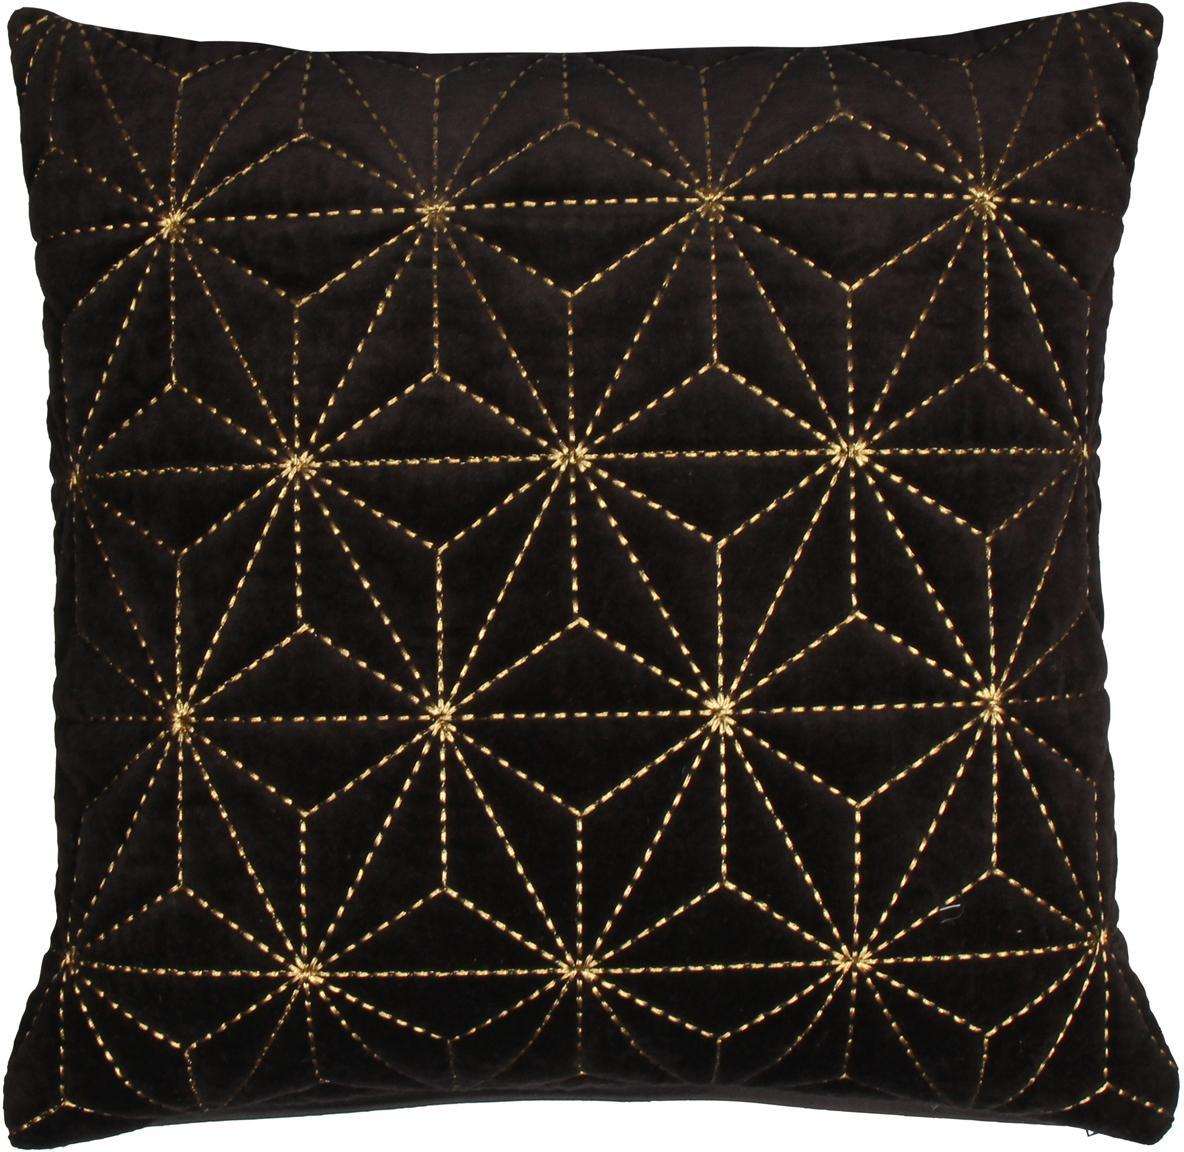 Poszewka na poduszkę Sari, 100% bawełna, Czarny, odcienie złotego, S 45 x D 45 cm